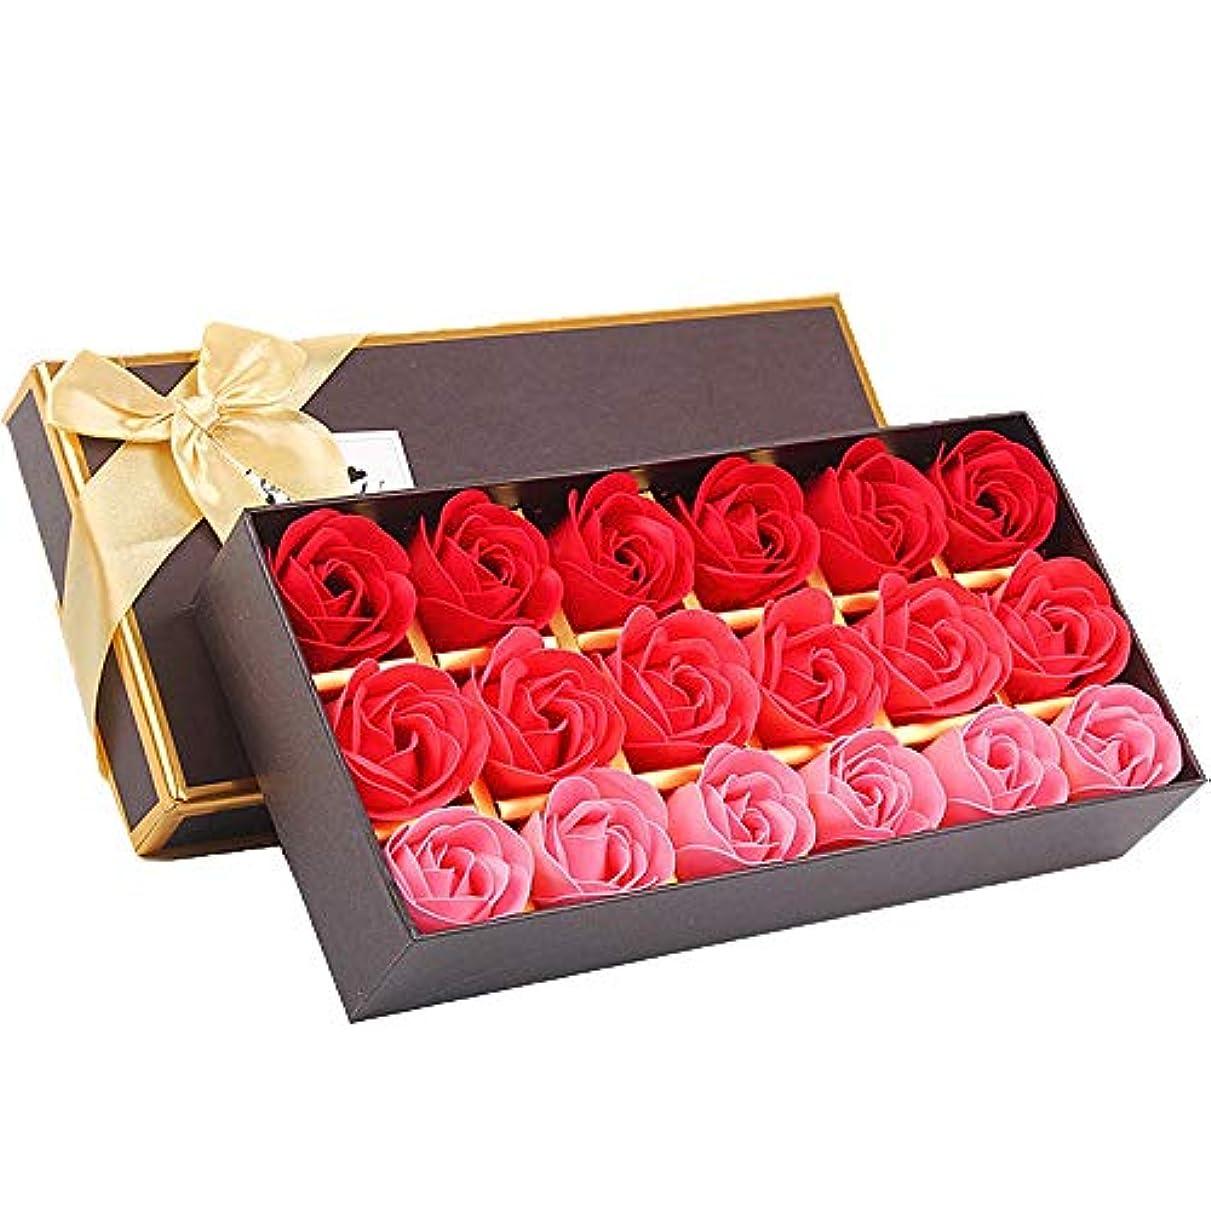 胴体対角線ネズミ18個の手作りのローズの香りのバスソープの花びら香りのバスソープは、ギフトボックスの花びらをバラ (色 : 赤)